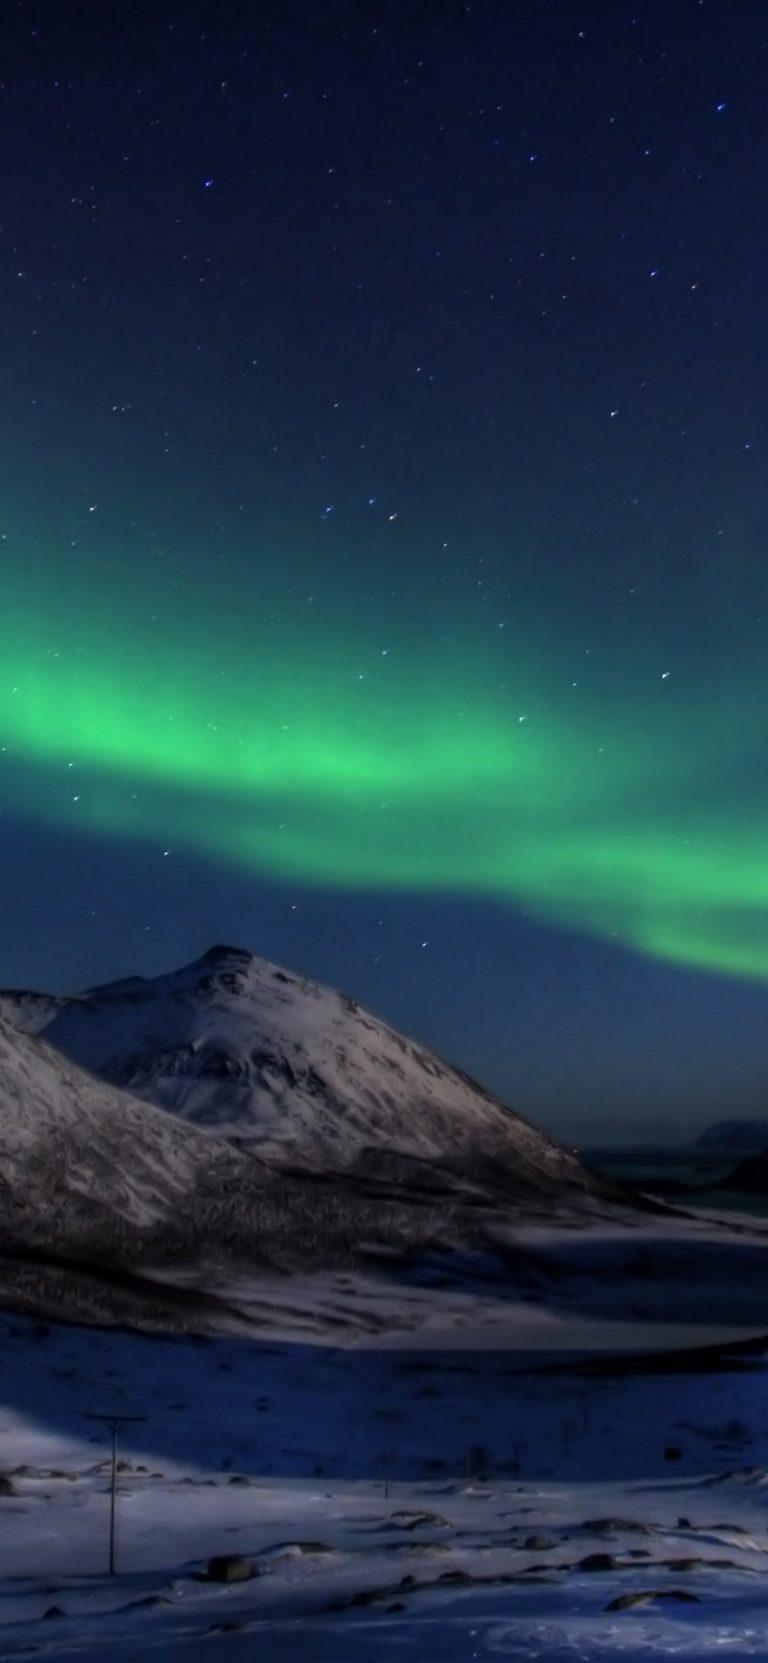 Aurora Borealis Wallpaper 1125x2436 768x1663